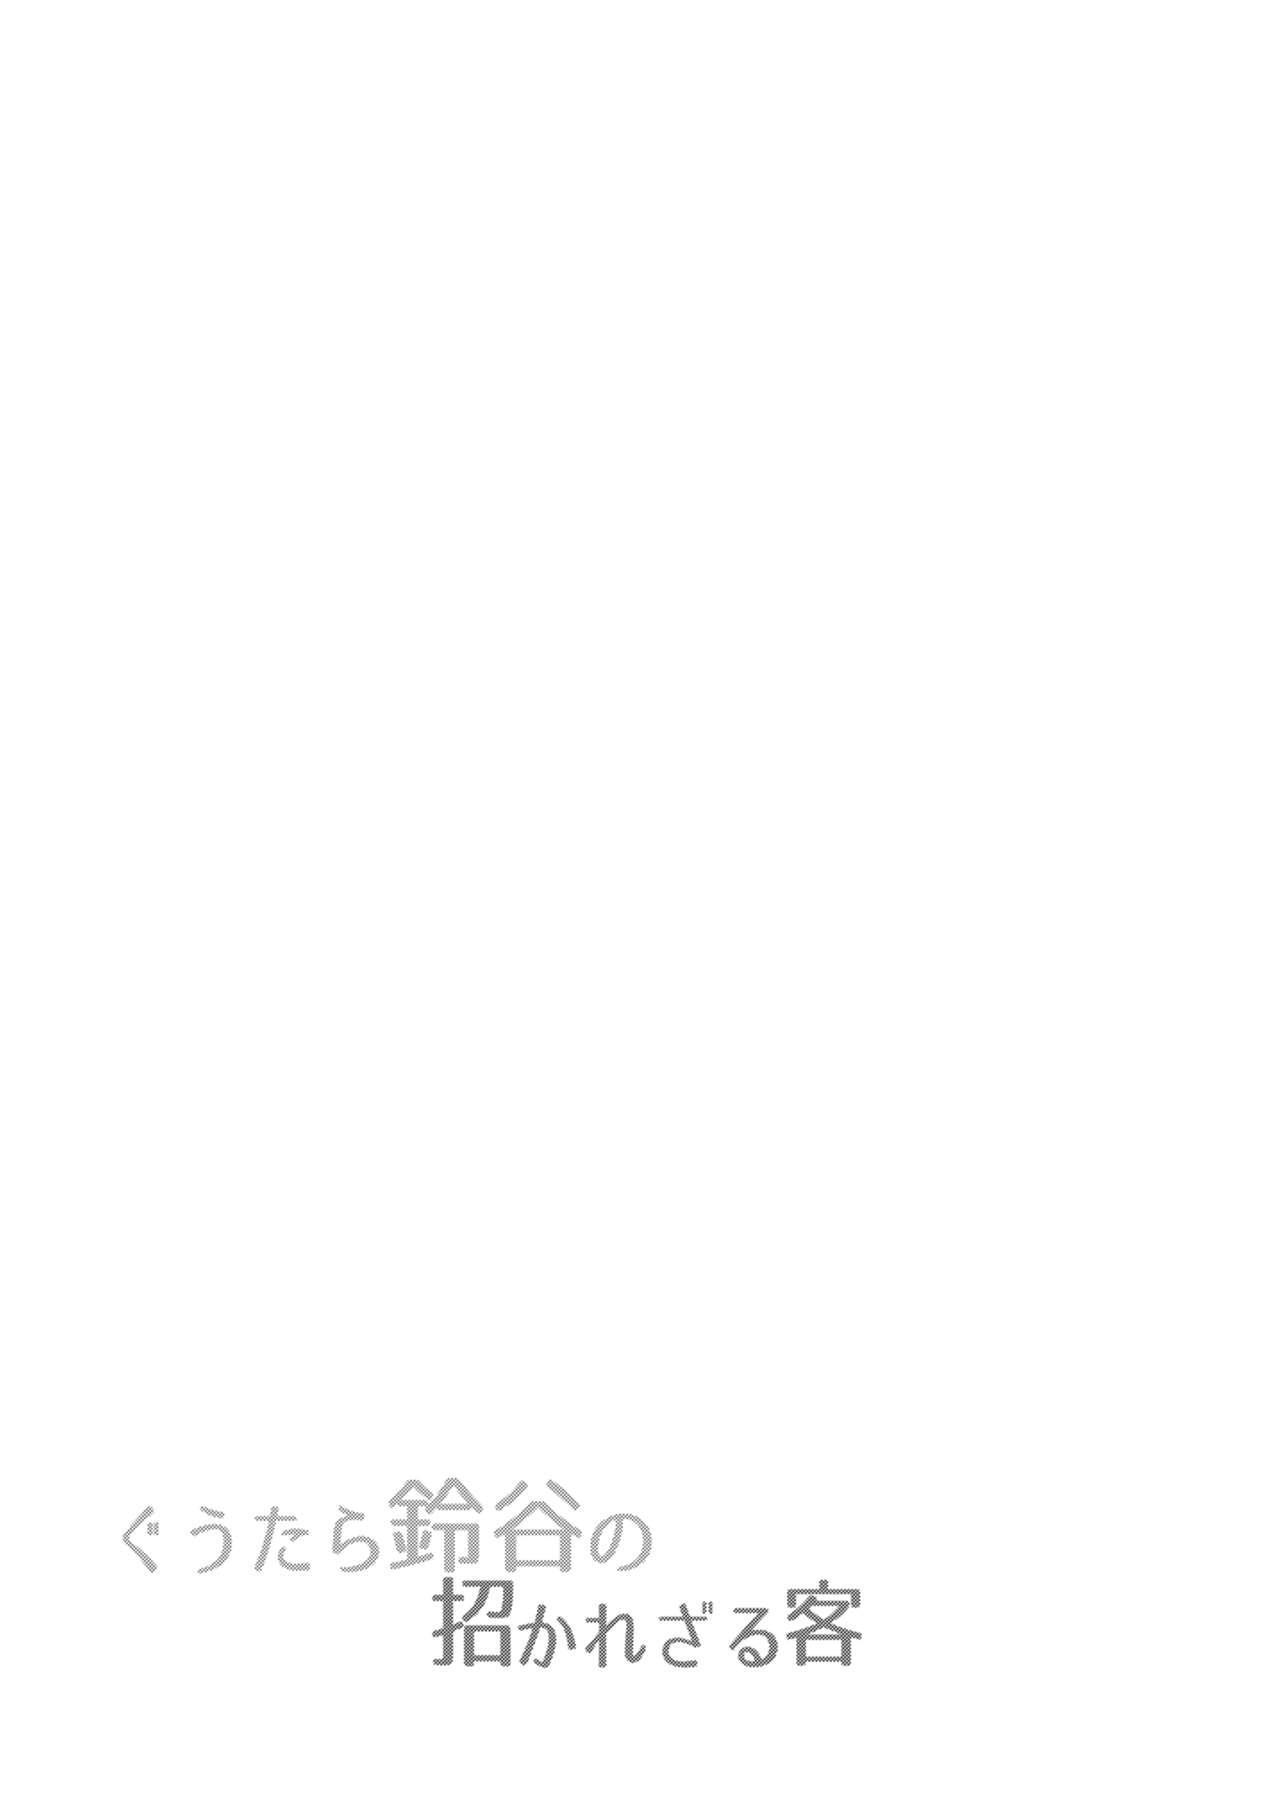 Guutara Suzuya no Manekarezaru Kyaku 25